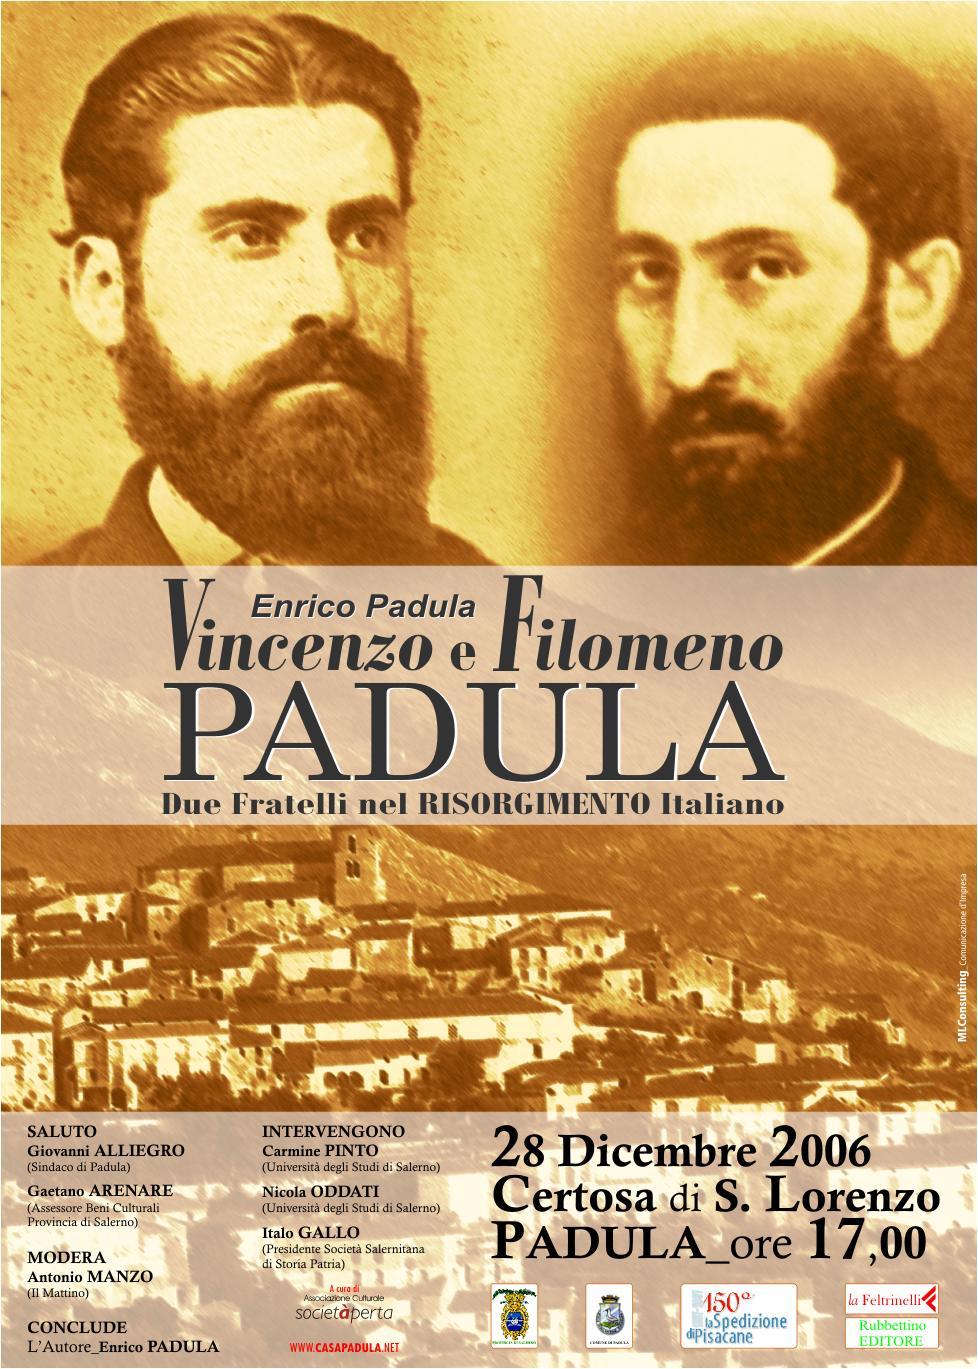 Vincenzo e Filomeno Padula due fratelli nel risorgimento italiano